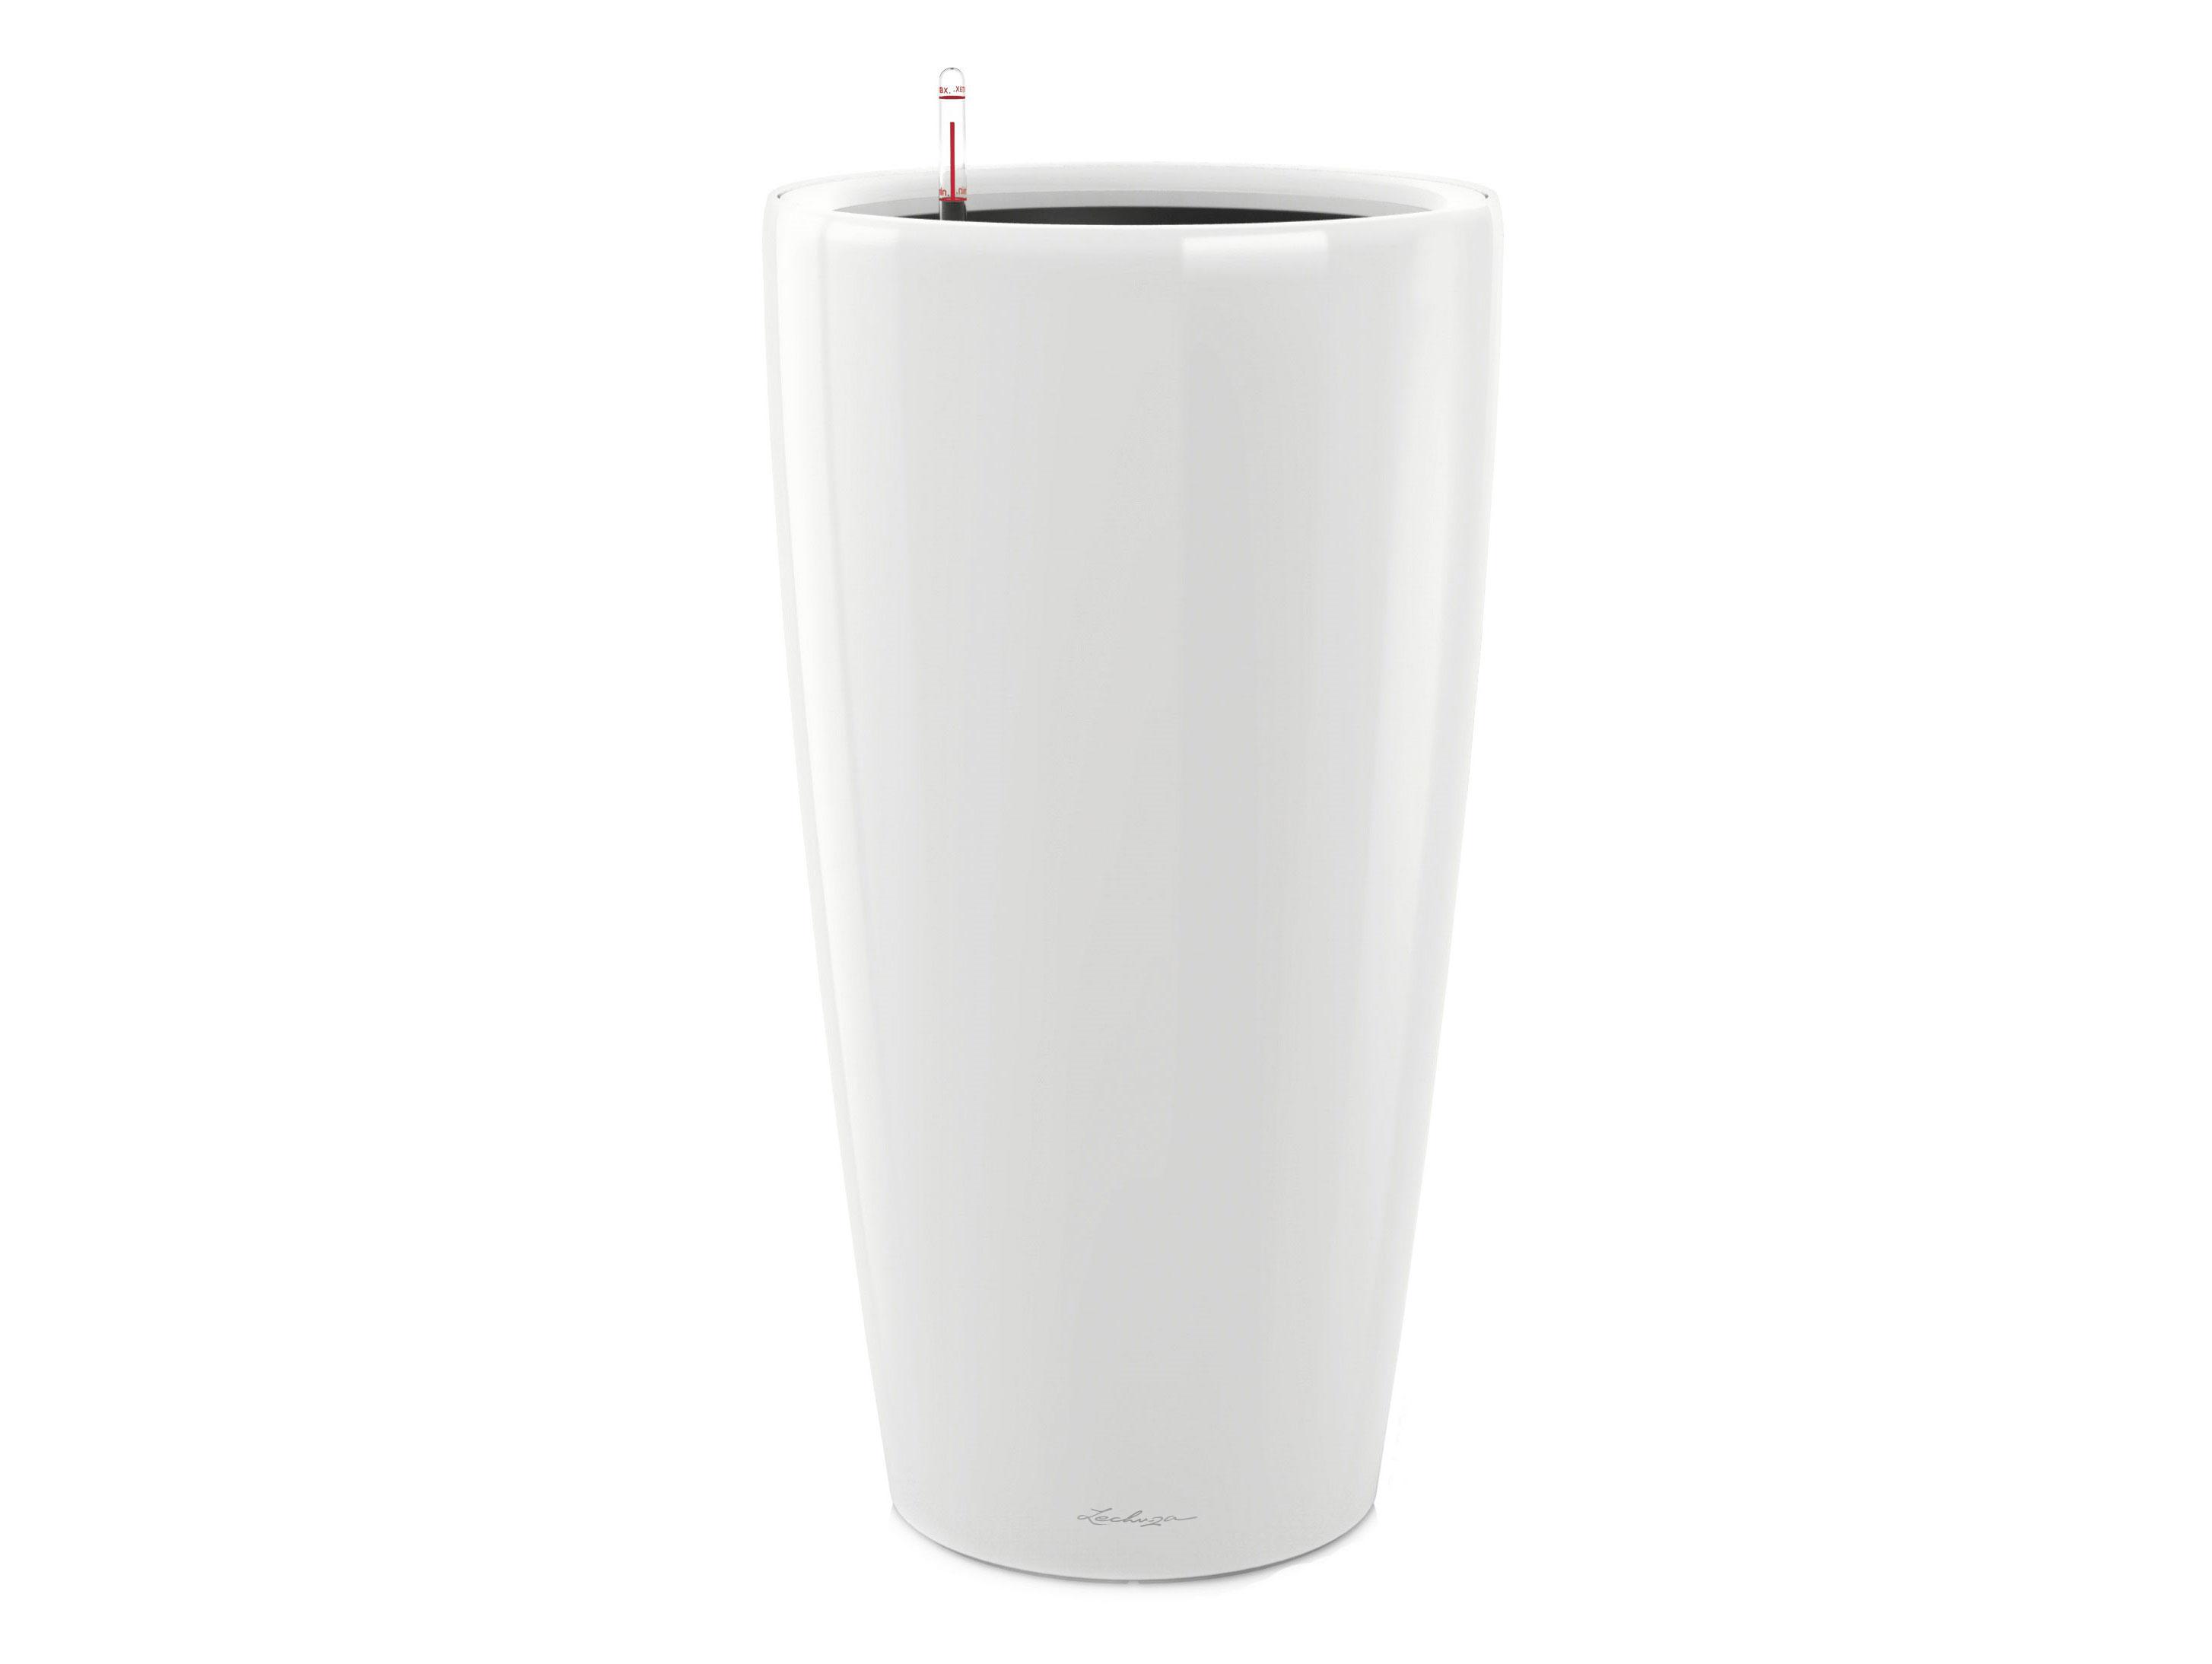 Кашпо с системой полива РондоКашпо и аксессуары для цветов<br><br><br>Material: Пластик<br>Высота см: 75